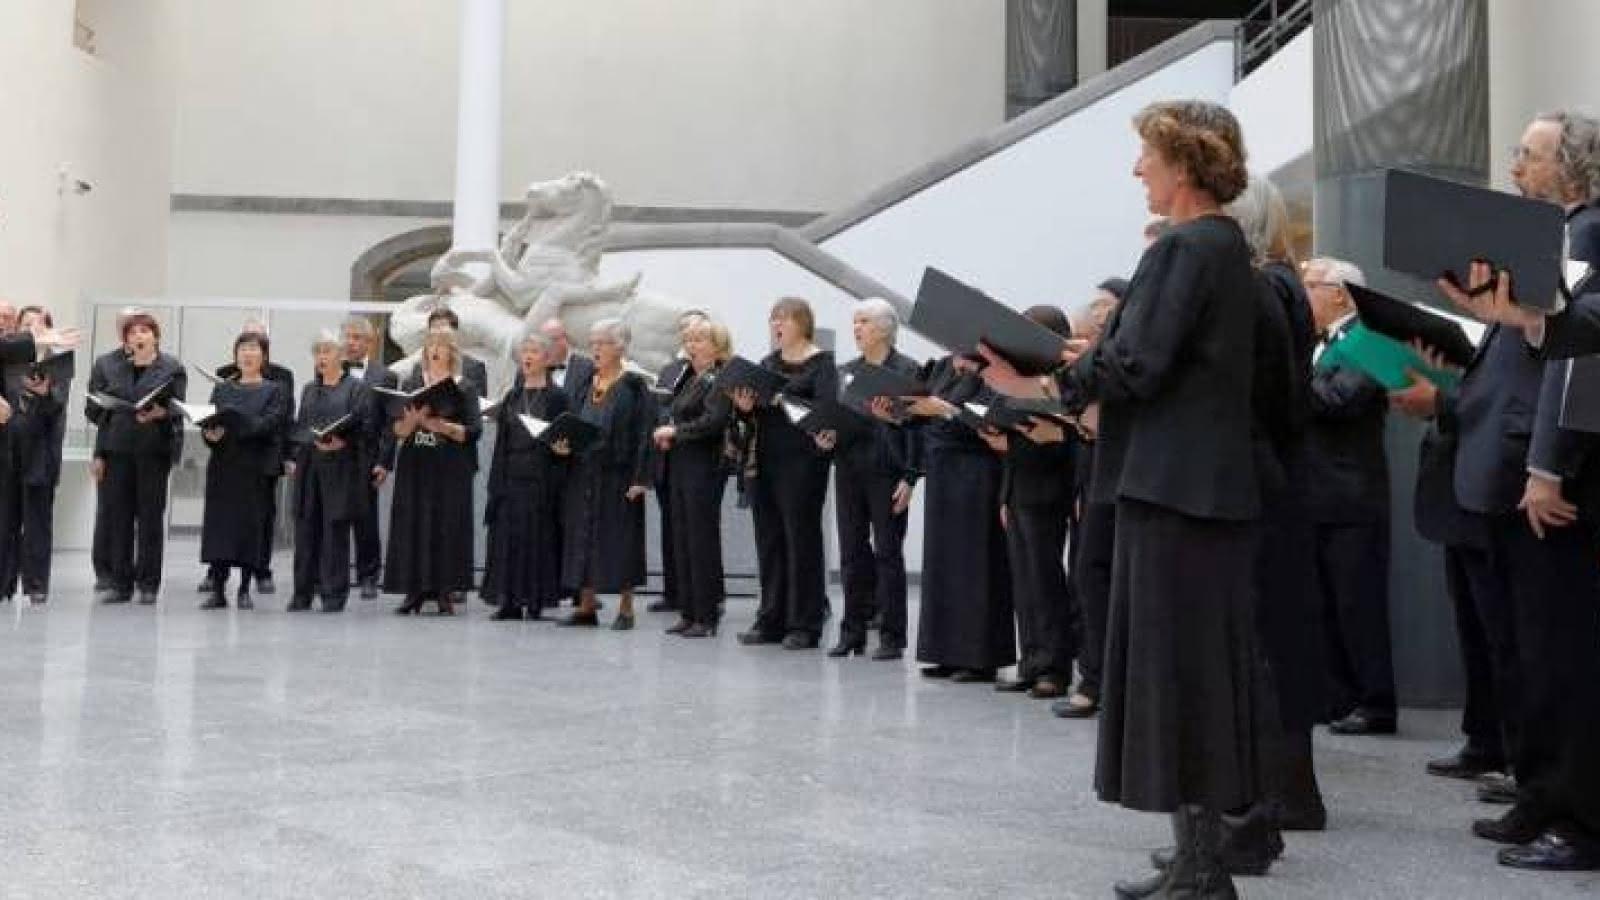 Chœur Régional d'Auvergne : Surprises vocales a capella